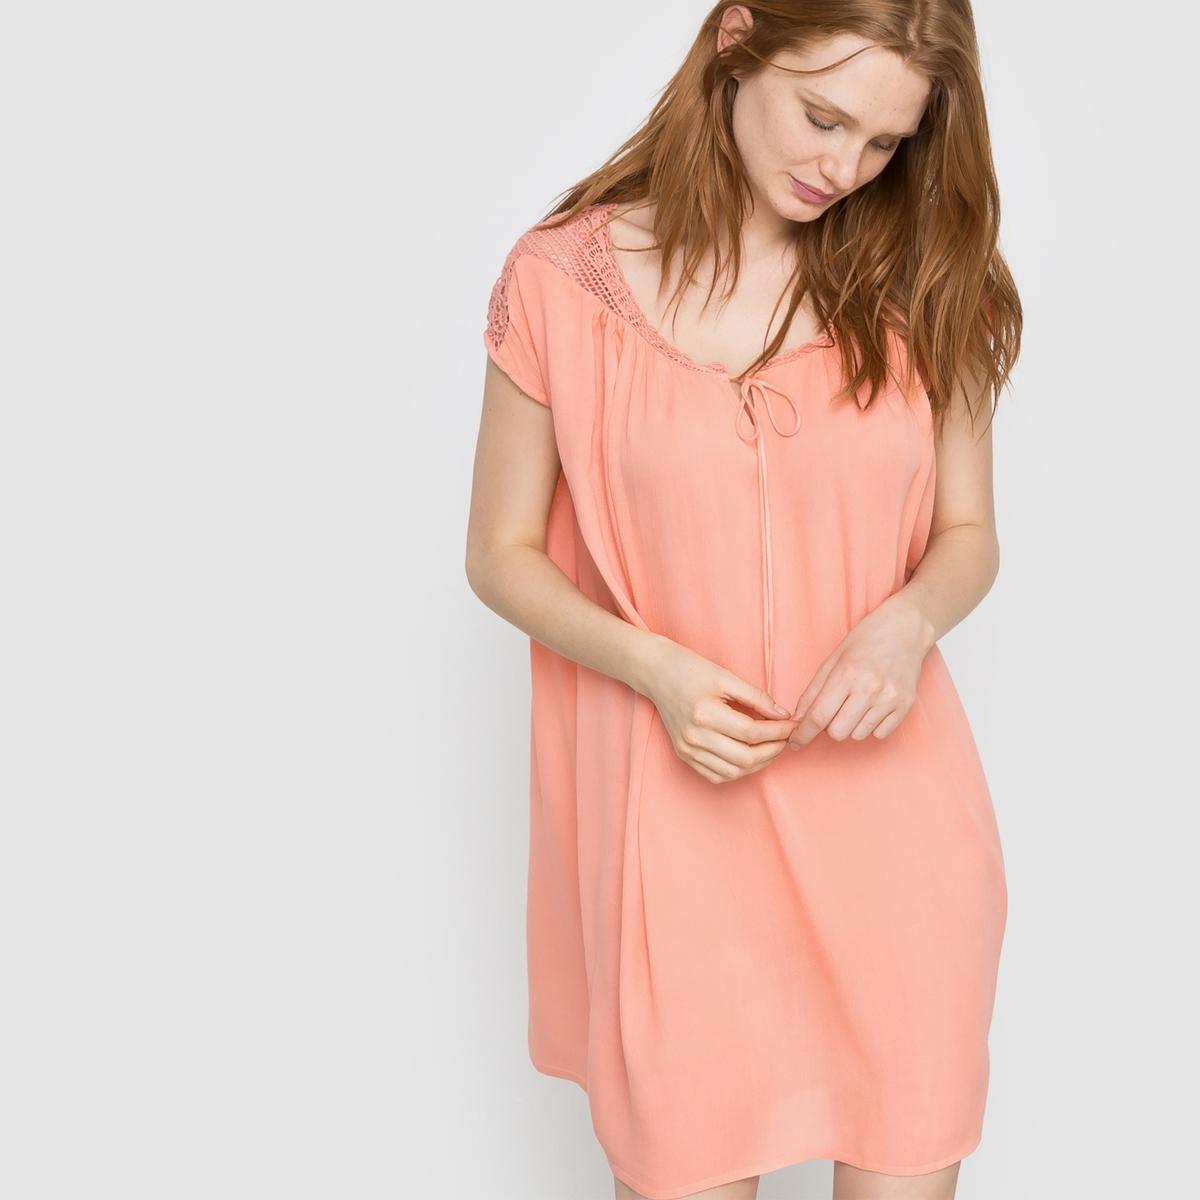 Платье с короткими рукавами VINIST DRESSПлатье VINIST DRESS от VILA. Короткие рукава. Вставки с ажурной вышивкой . Вырез с завязками. Съемный пояс.Состав и описание     Материал: 100% вискозы.     Марка: VILA<br><br>Цвет: коралловый<br>Размер: S